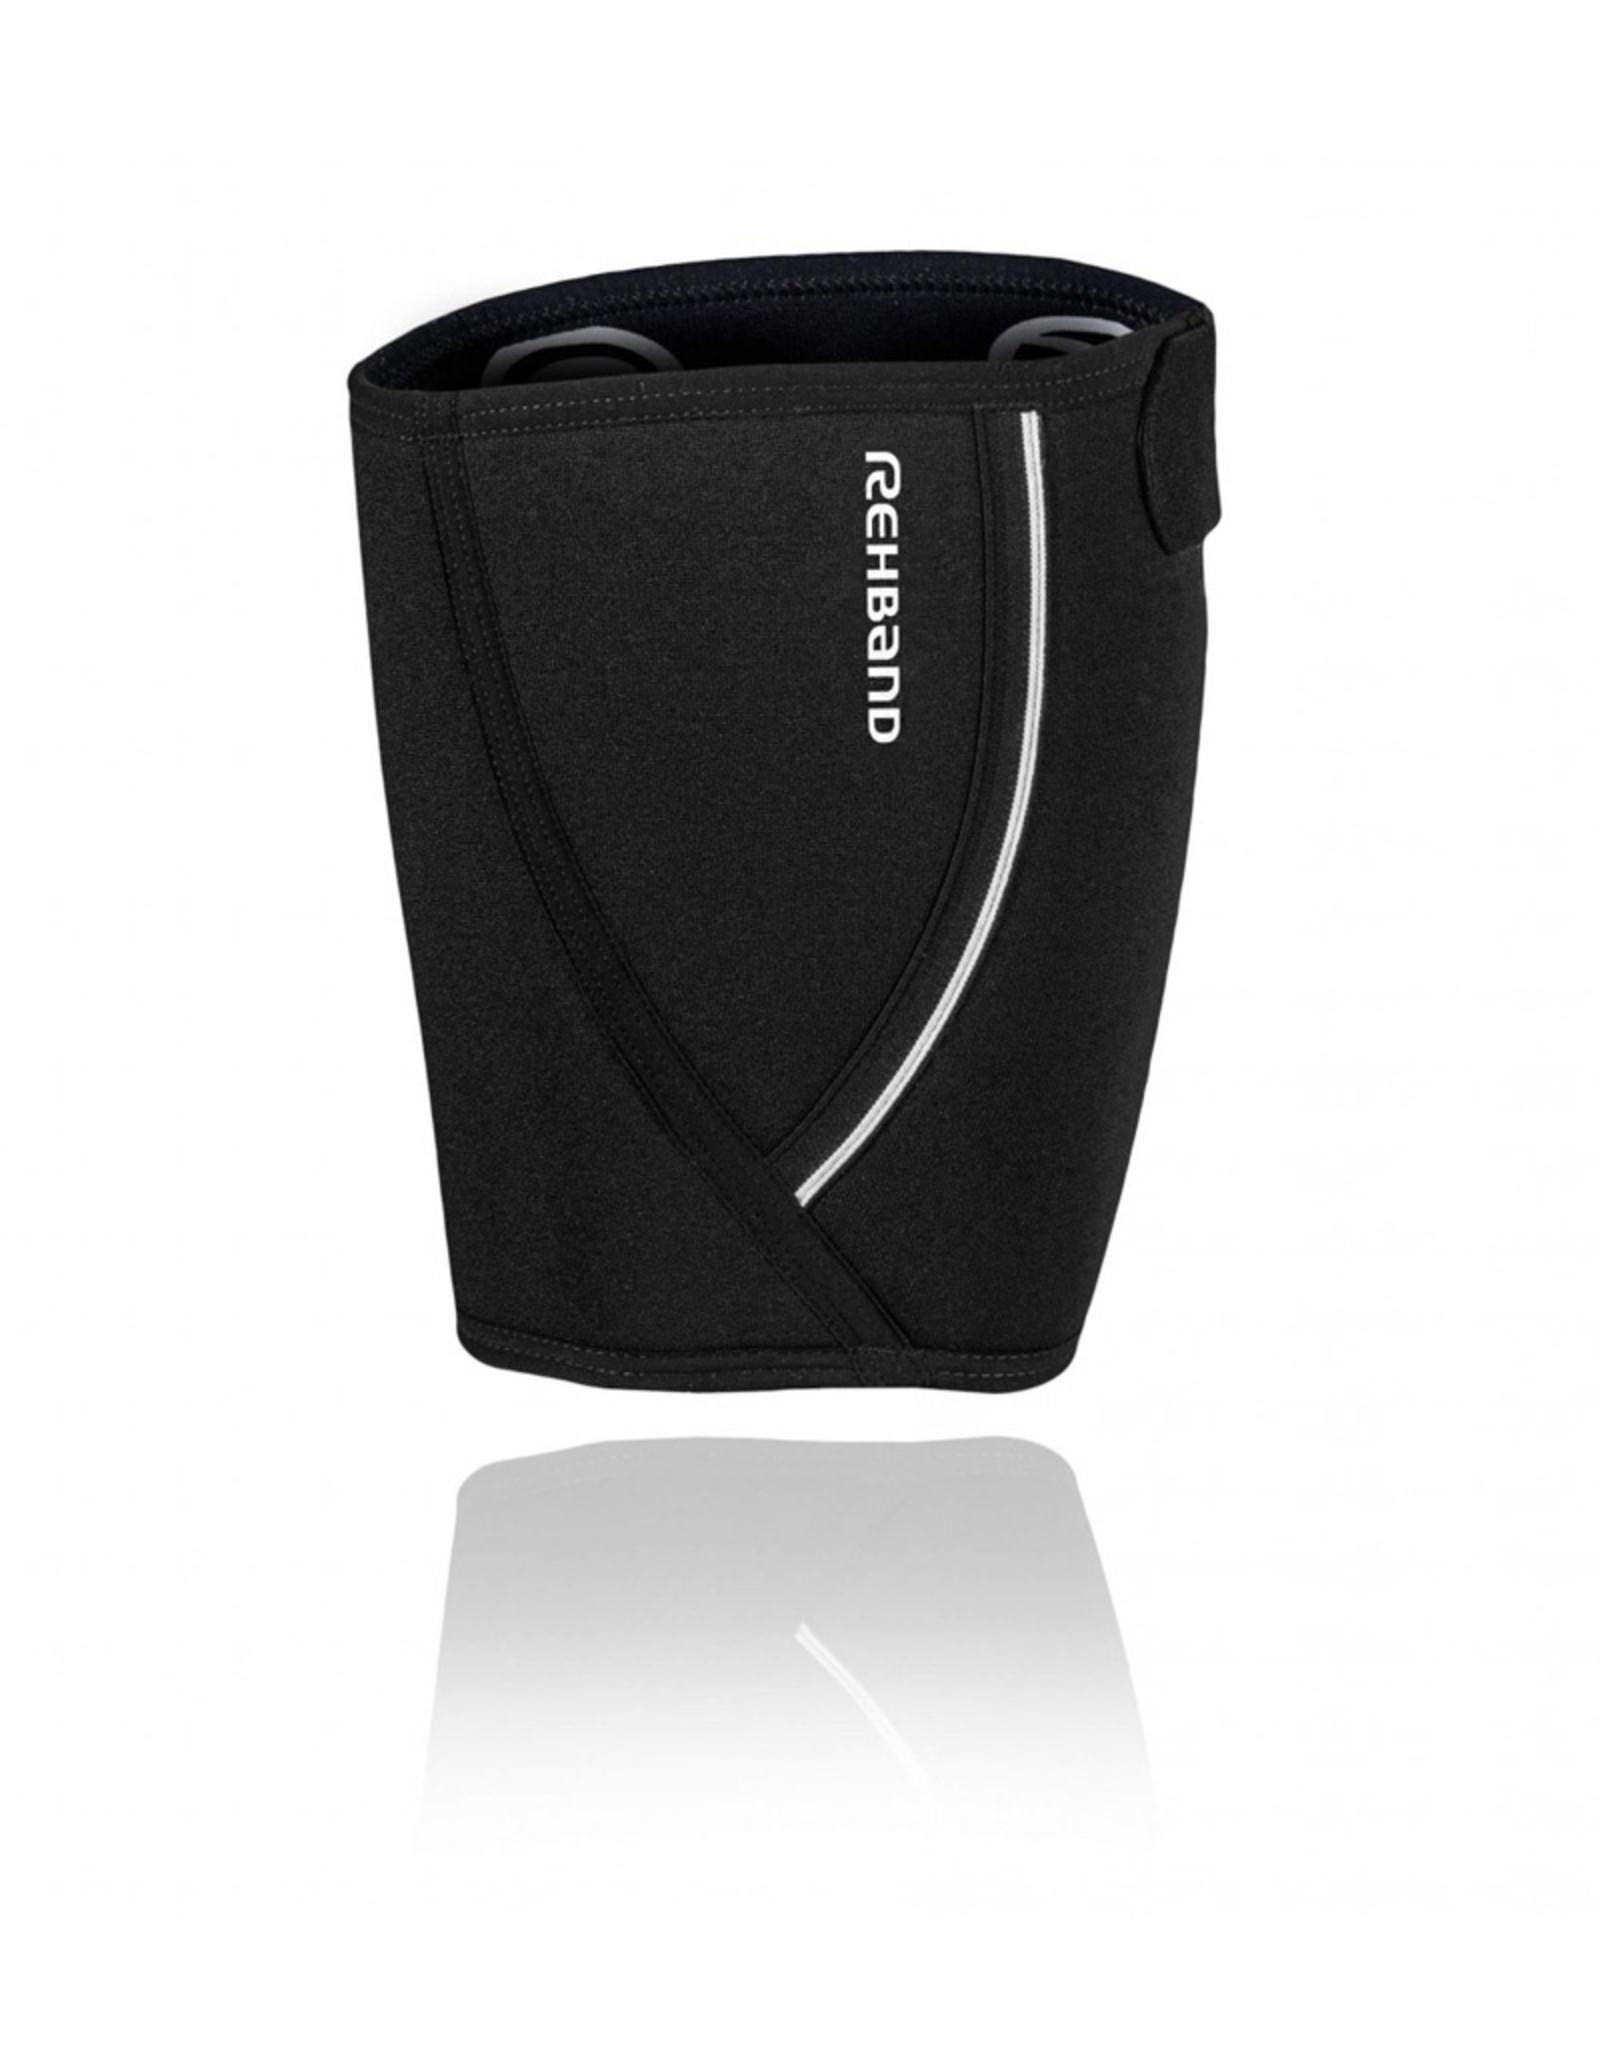 Rehband Qd Thigh Support 5Mm  Bandage De Cuisse - Noir